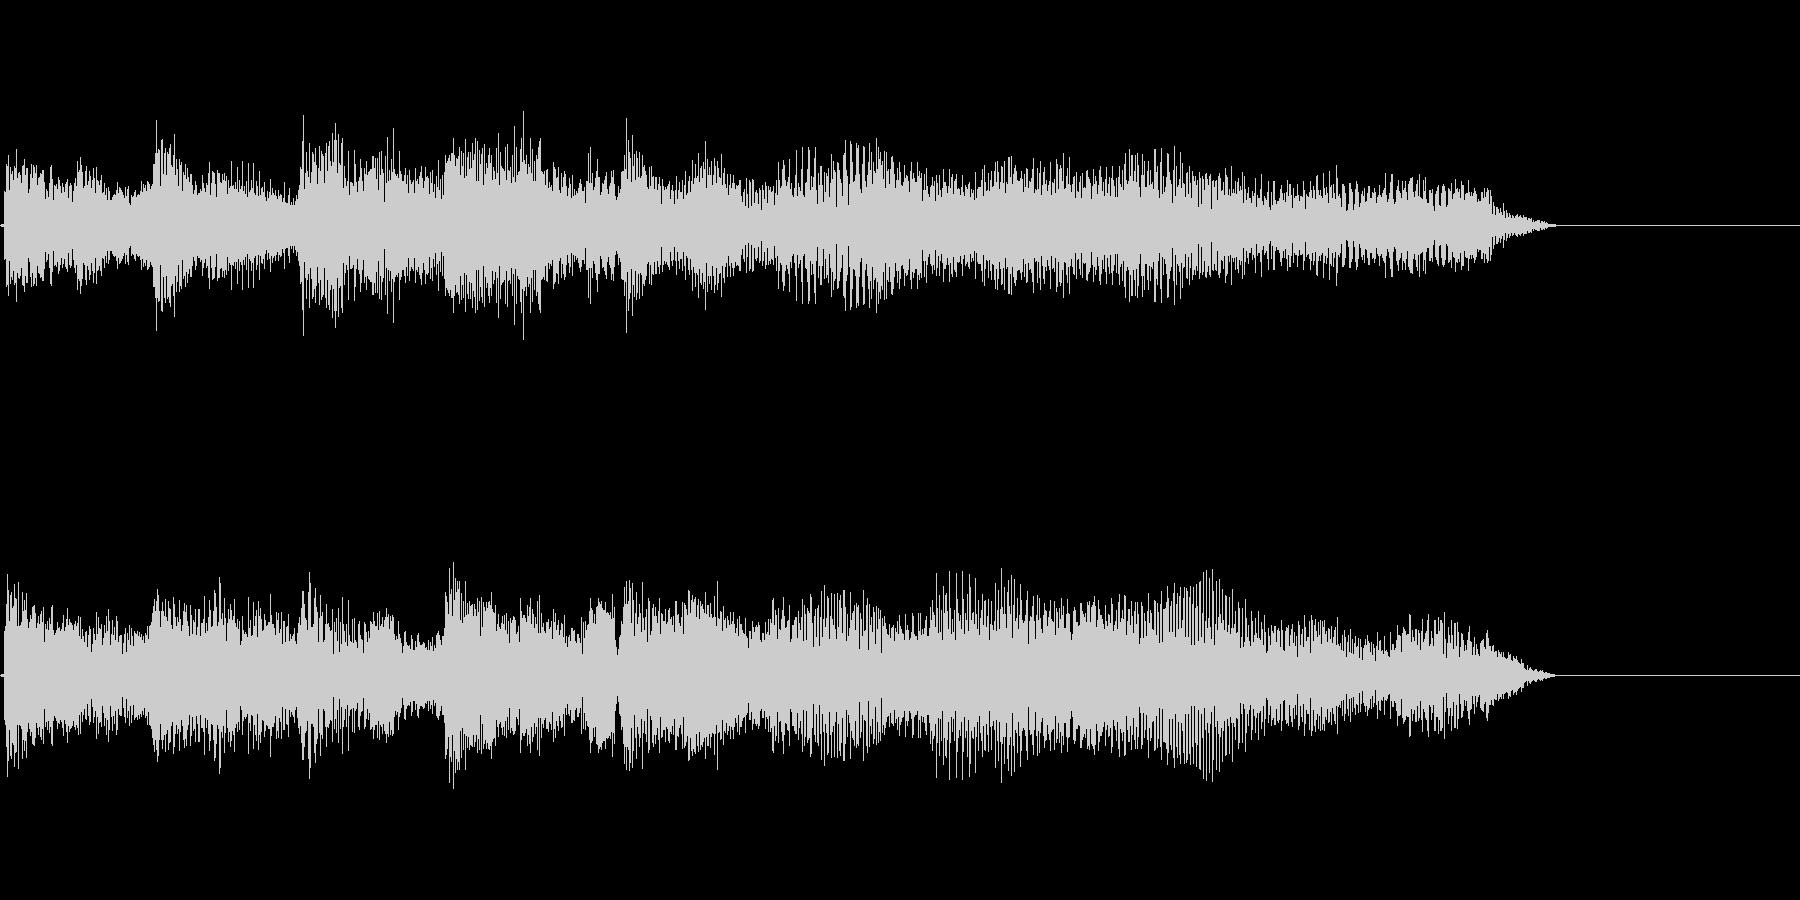 ピアノによるジングル・サウンドロゴ10秒の未再生の波形